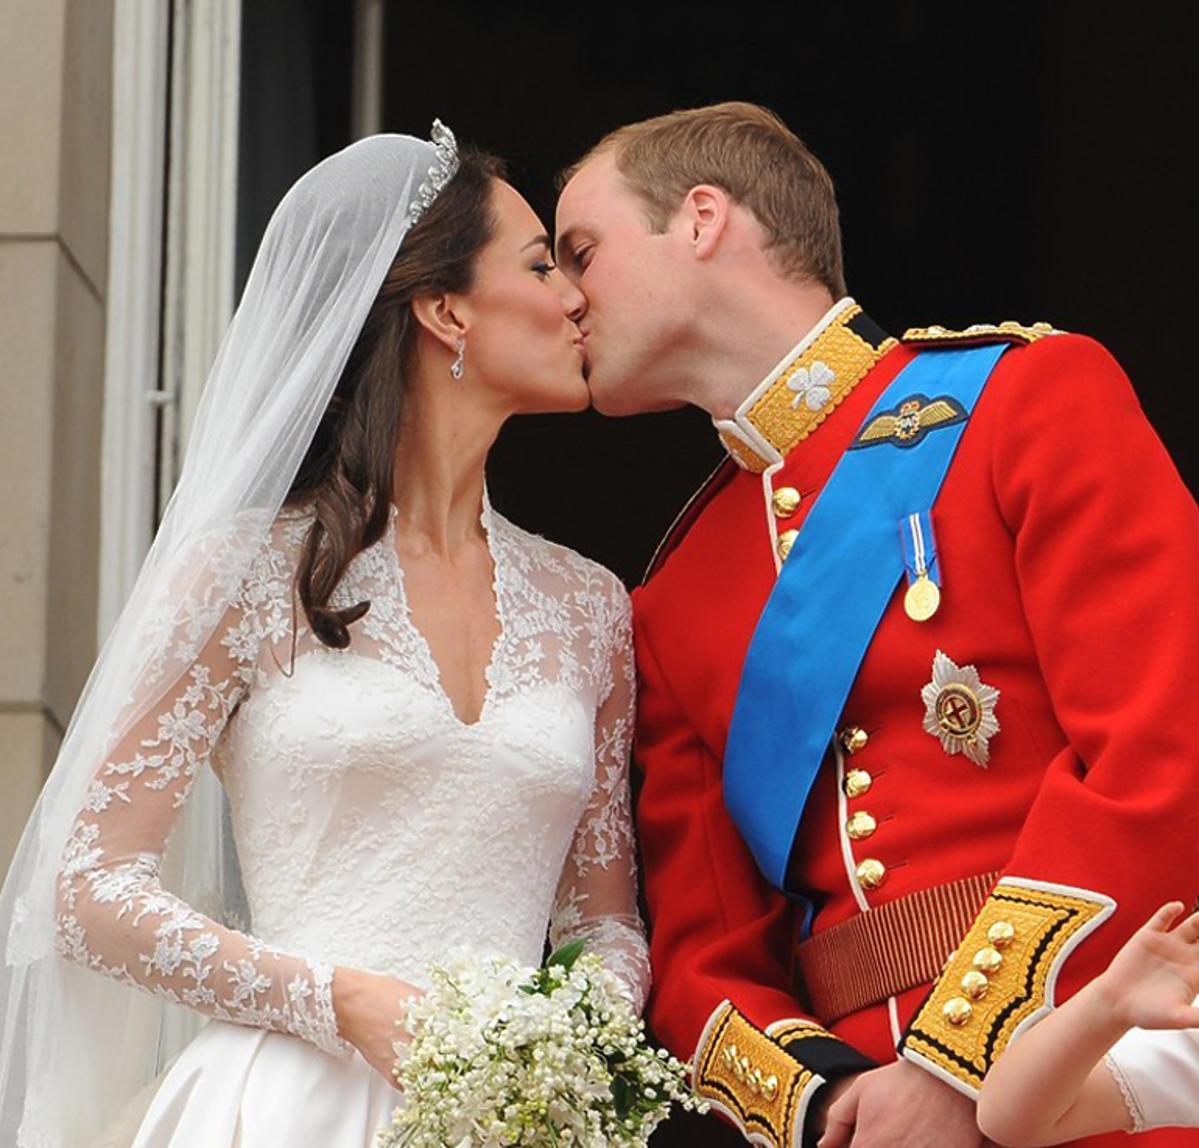 Książę William i księżna Kate całują się po ślubie na balkonie Pałacu Buckingham